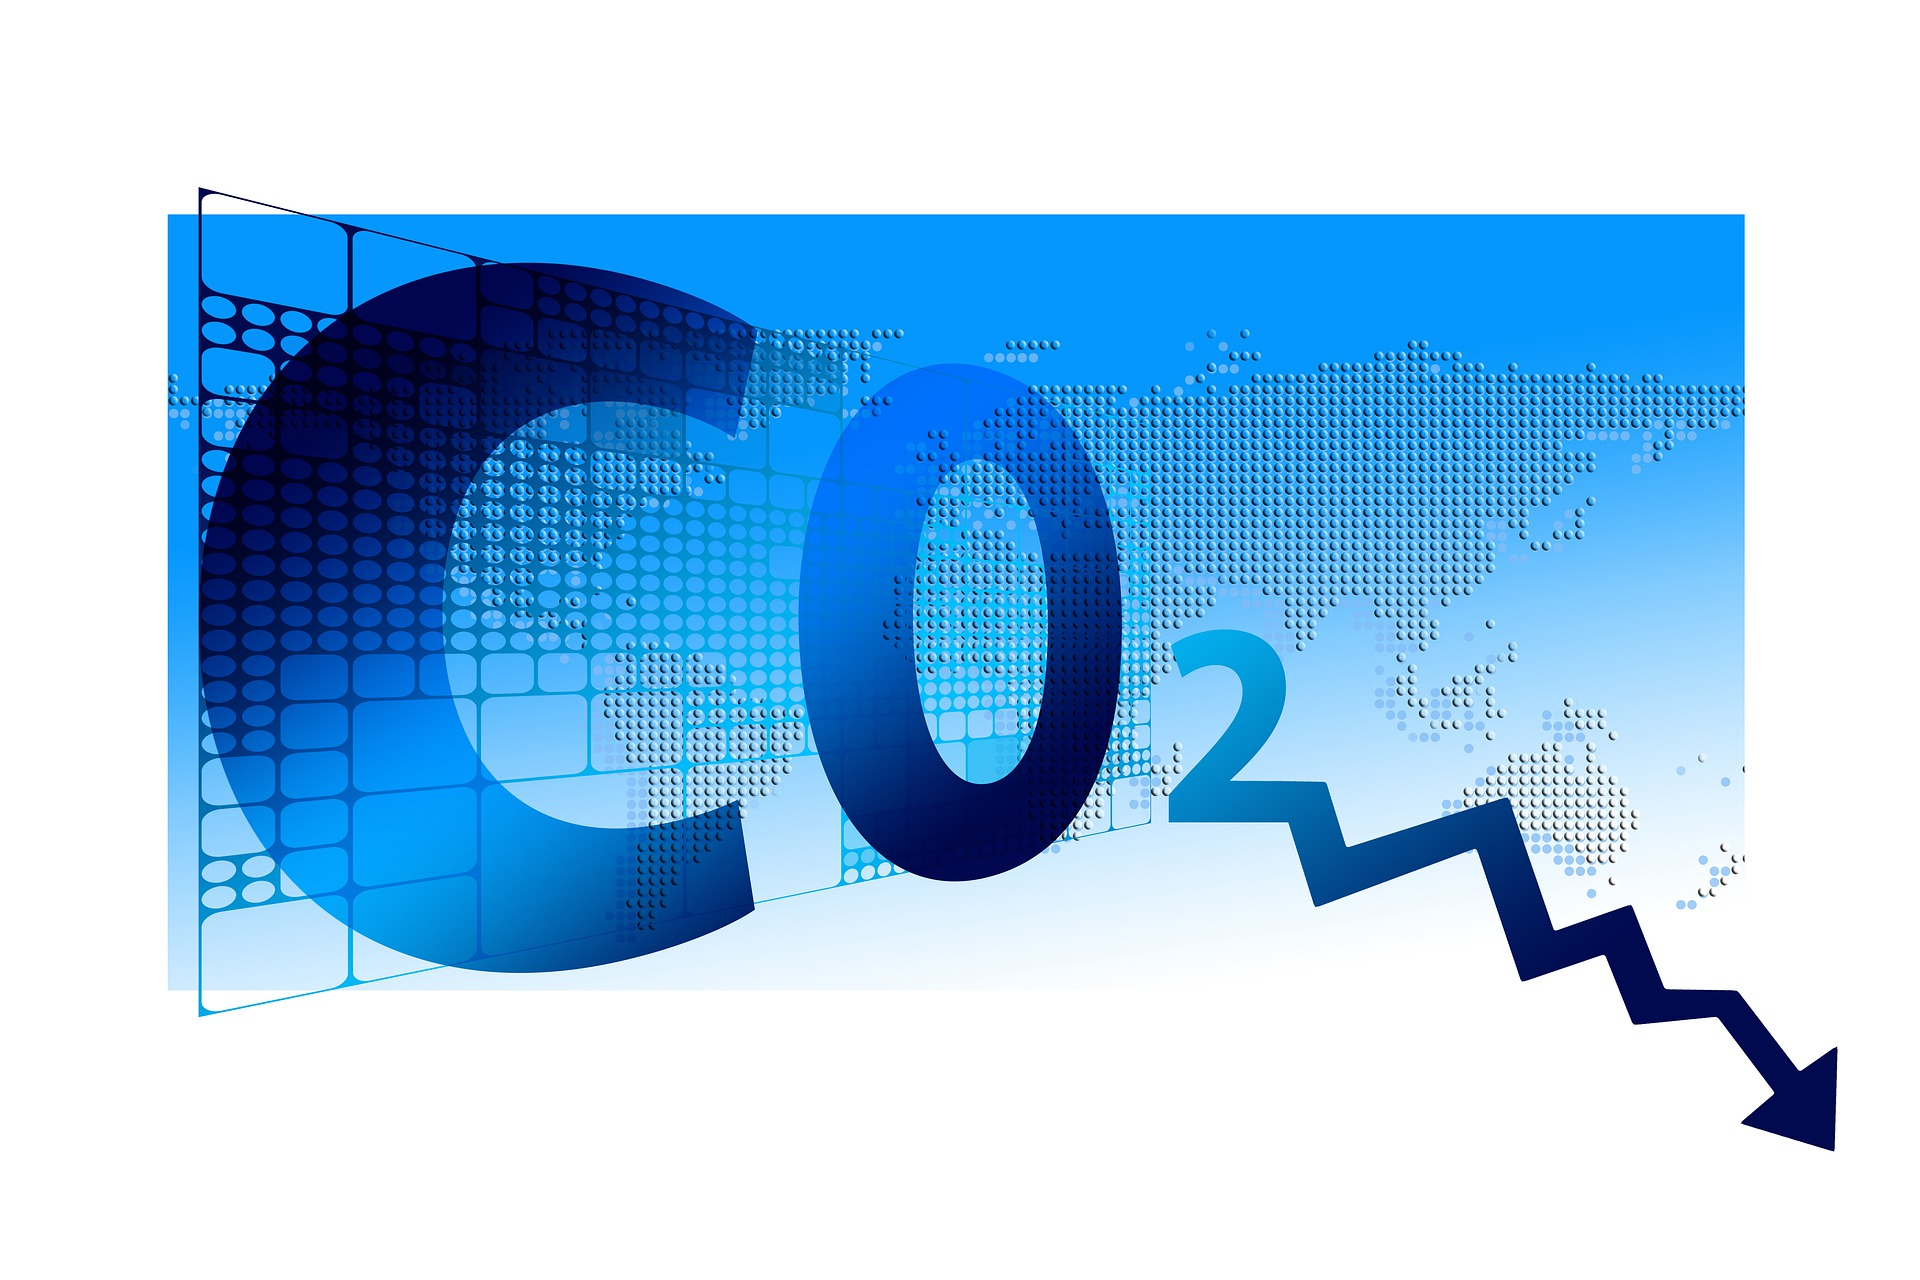 Власти начали подготовку к будущему с низким спросом на углеводороды